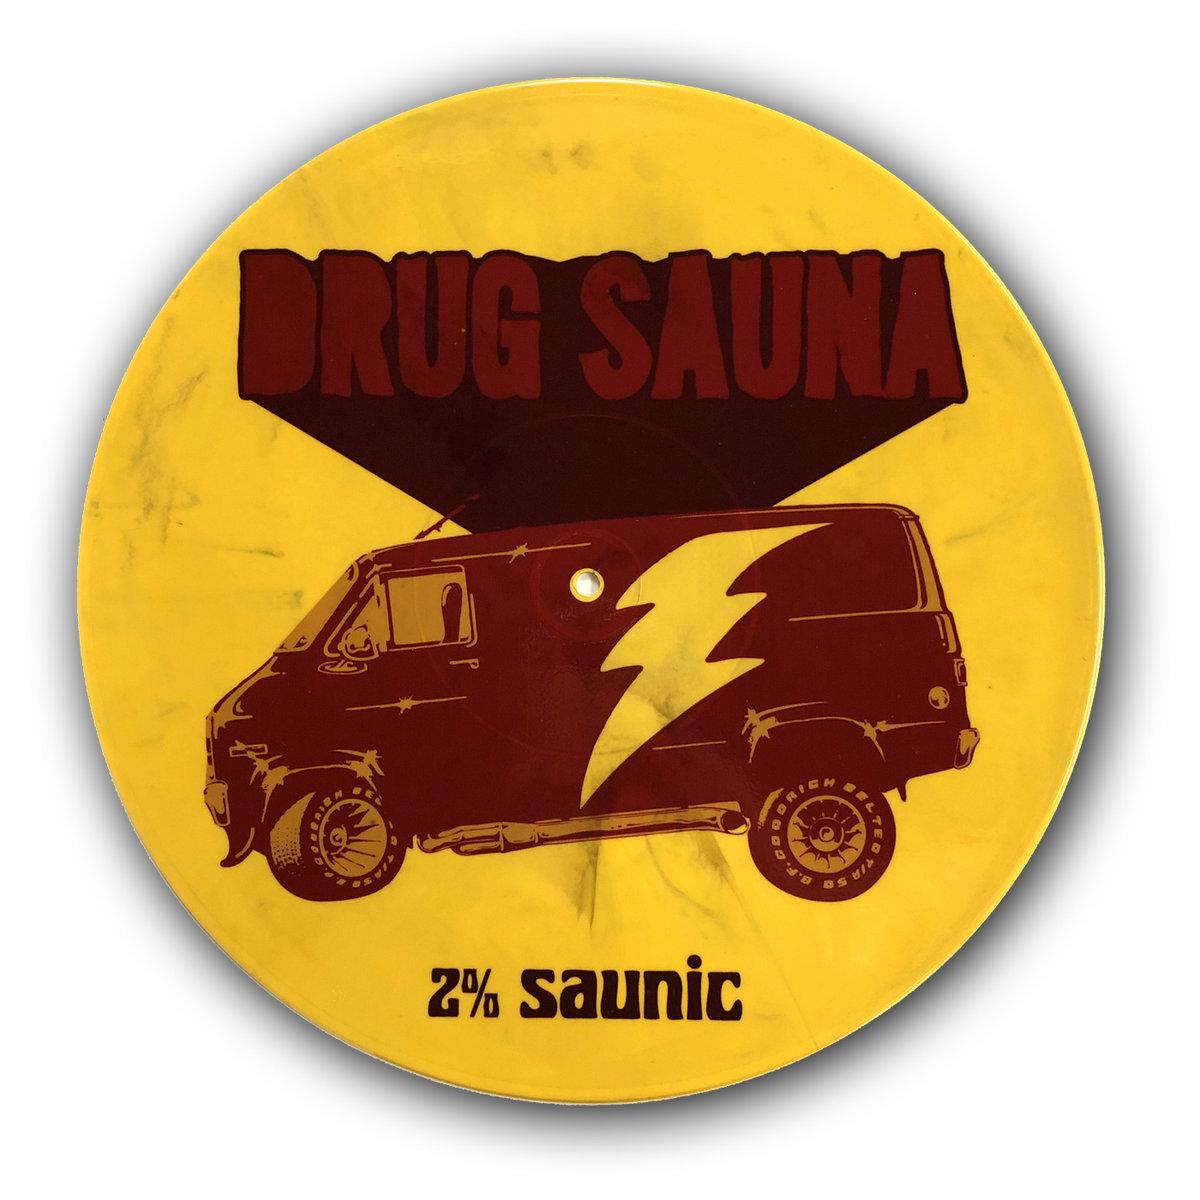 drug sauna 2 percent saunic